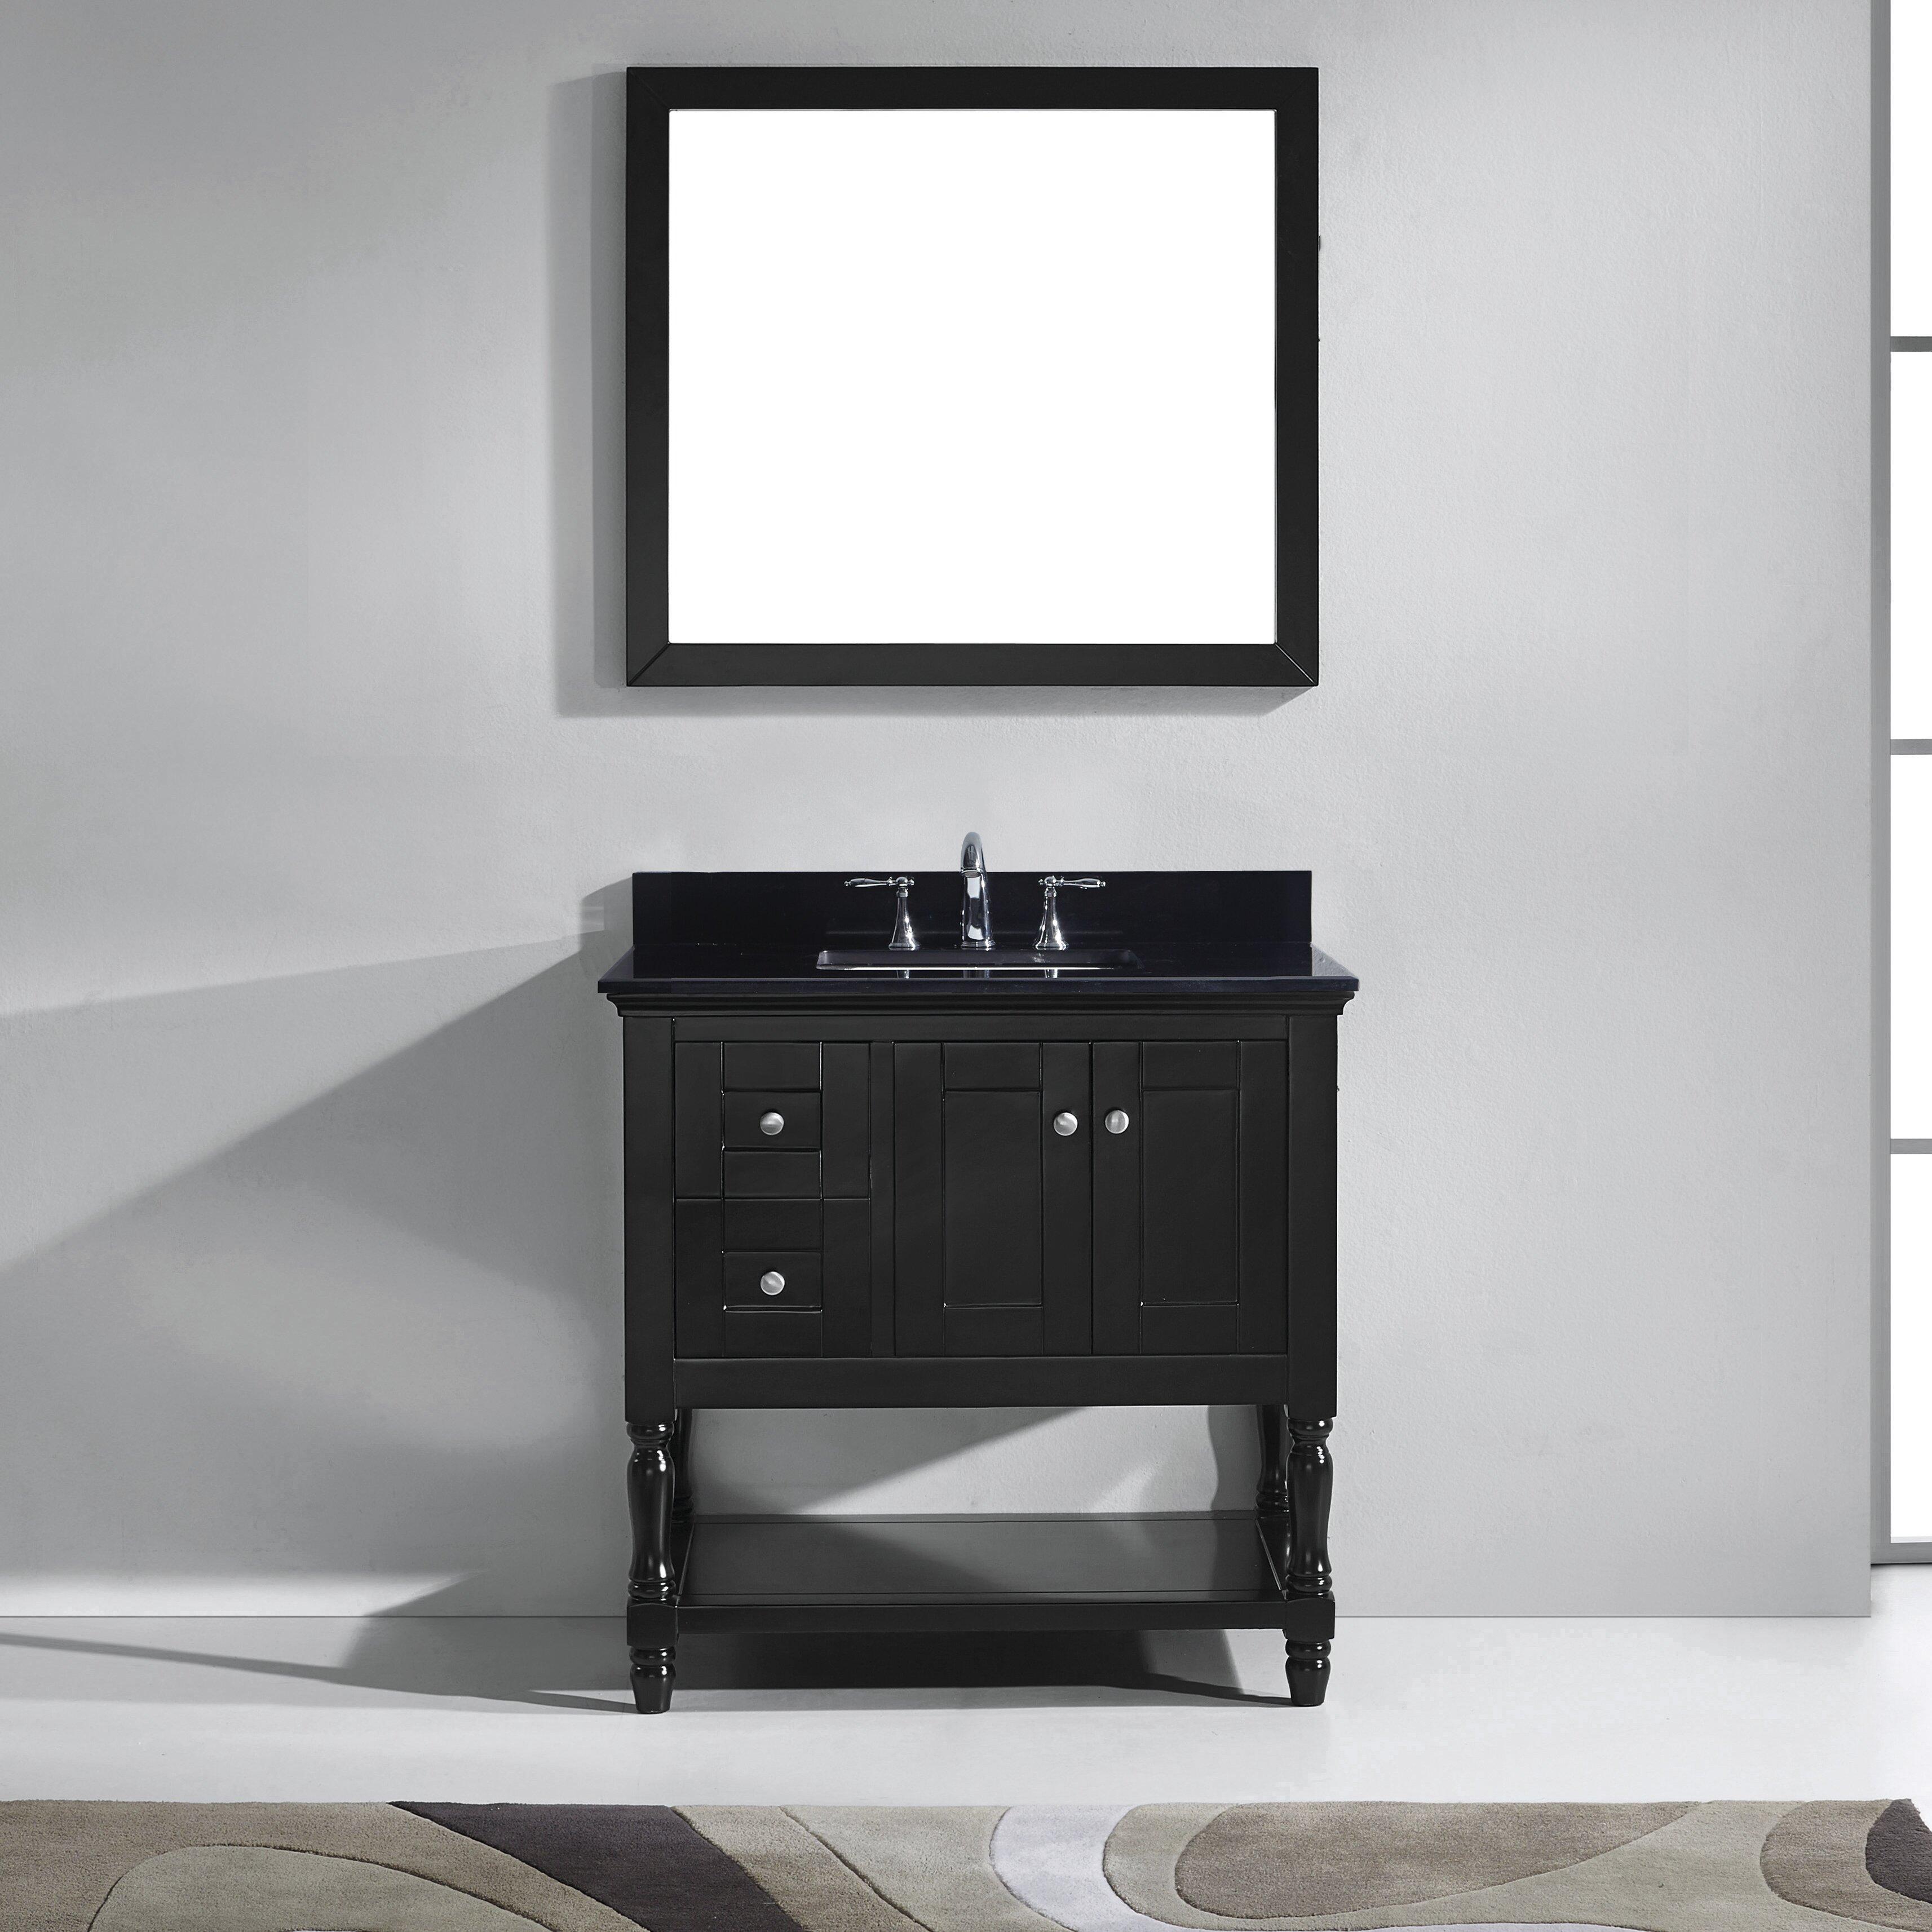 """Black Bathroom Vanity Set: Virtu Julianna 36"""" Single Bathroom Vanity Set With Black"""